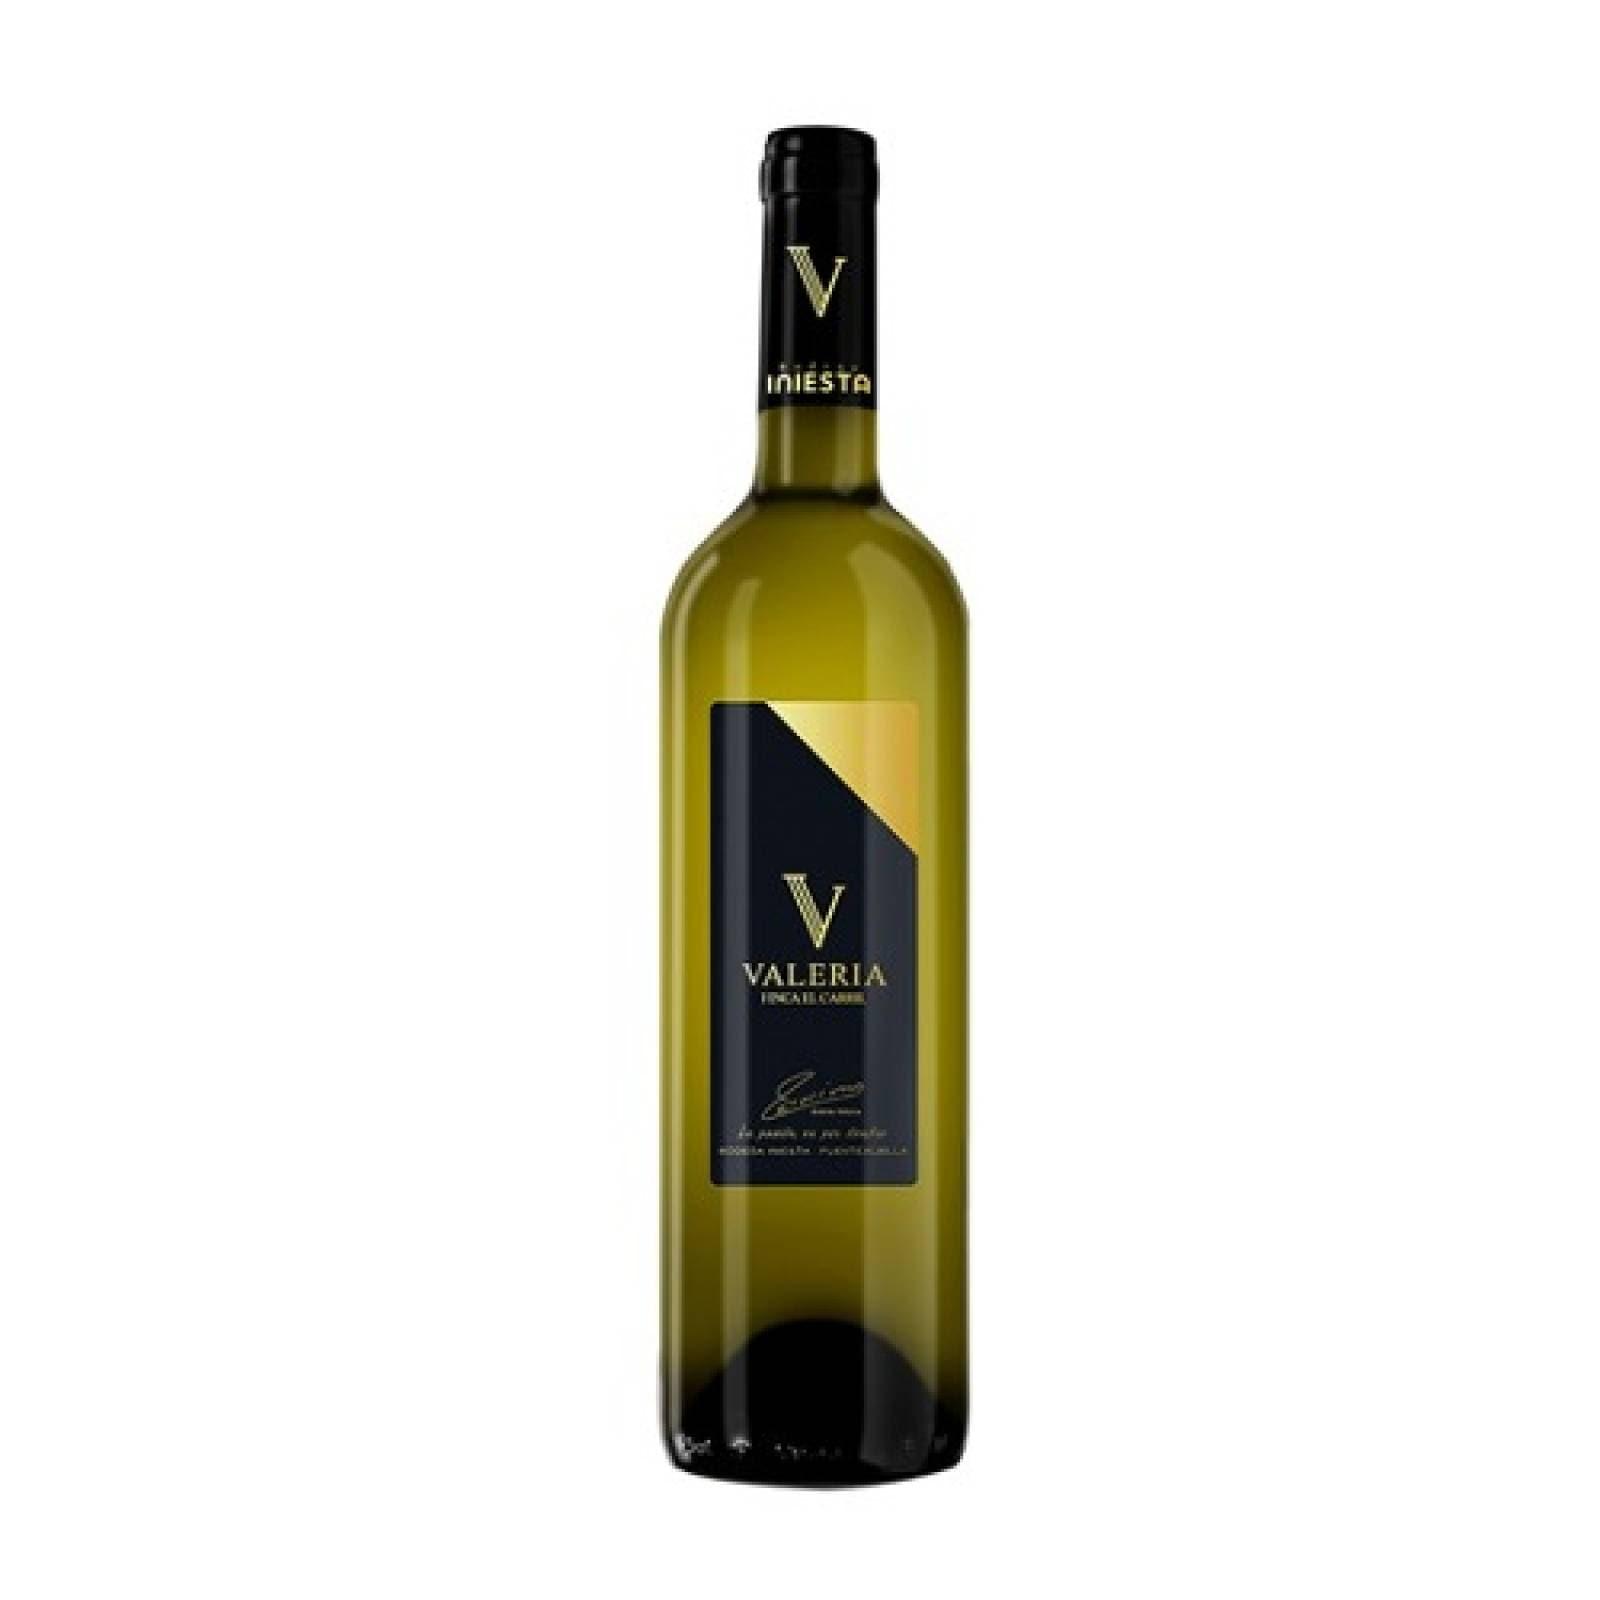 Bebida Alcohol Vino Blanco Valeria El Carril Bodega Iniesta